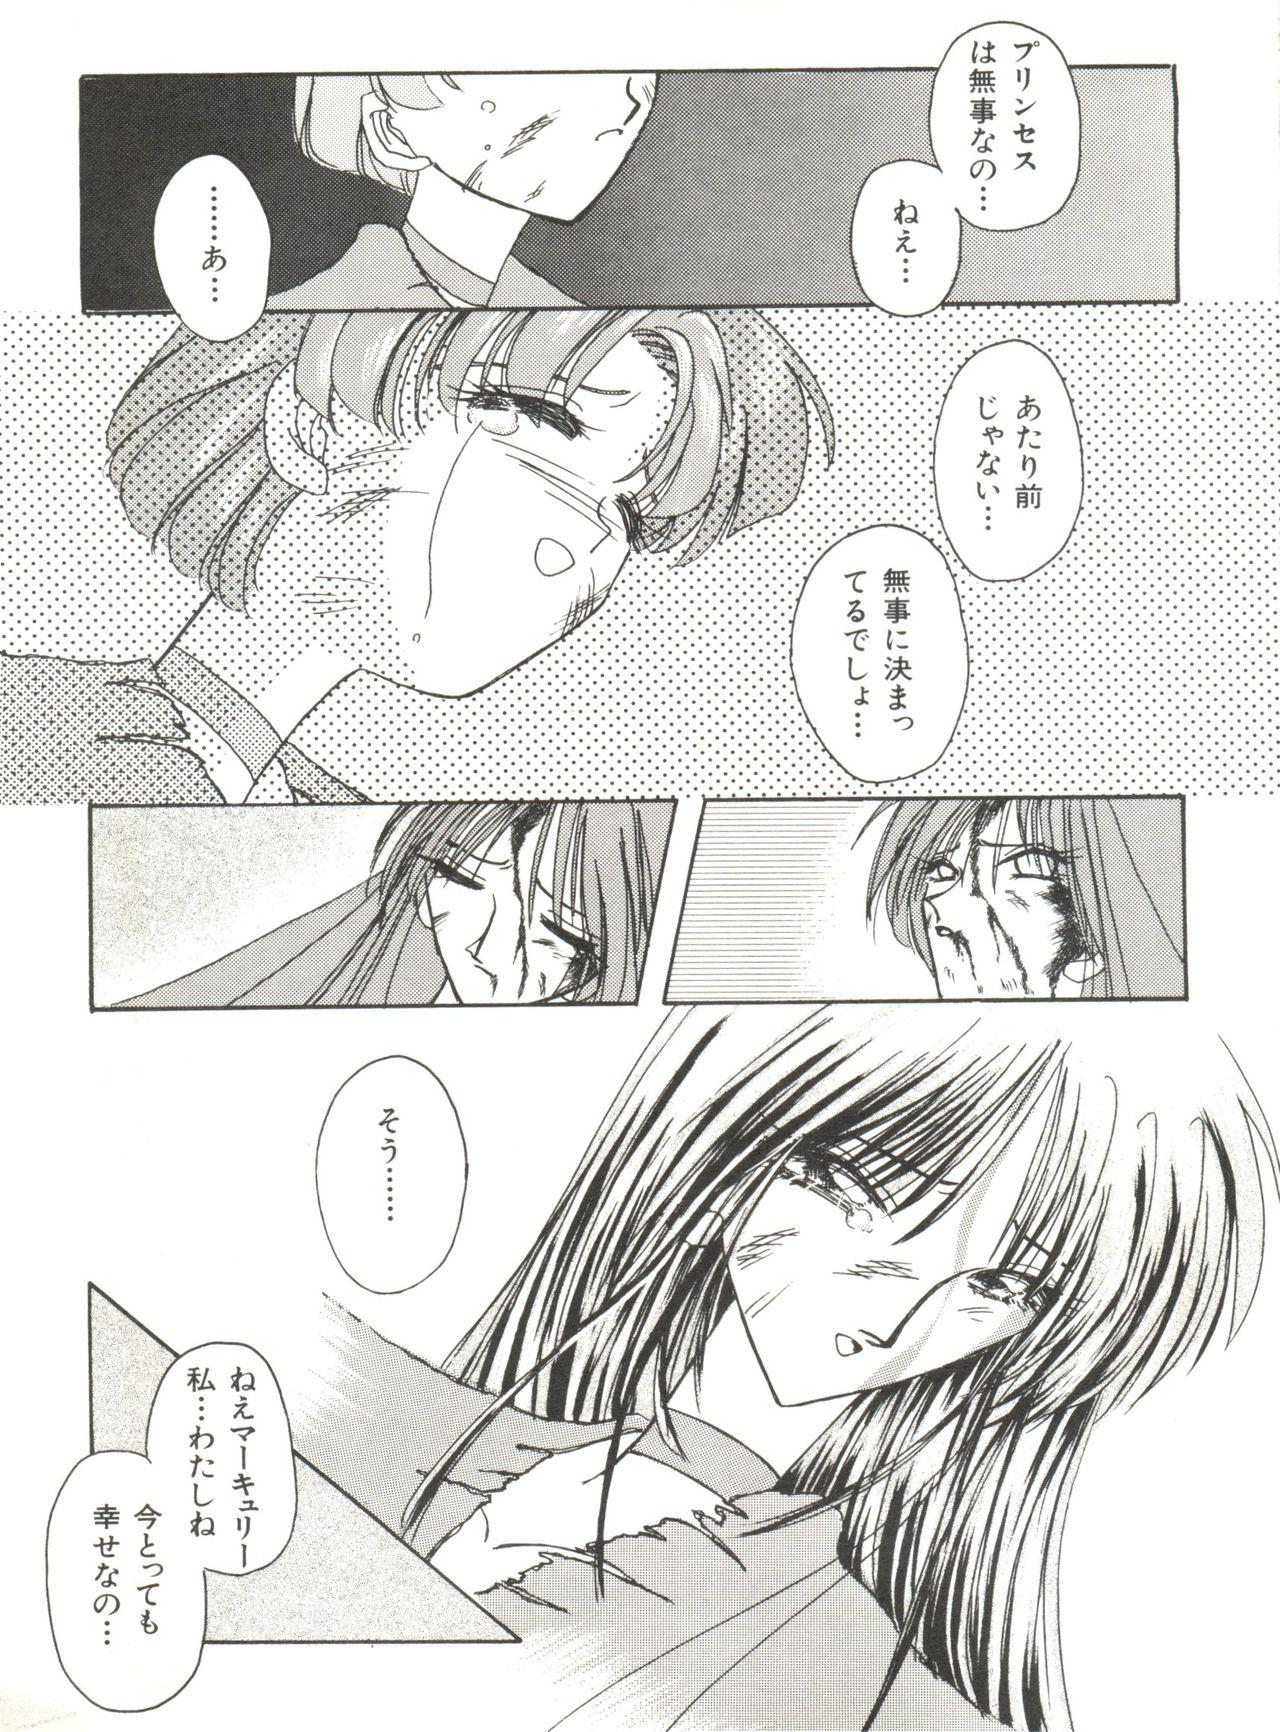 Bishoujo Doujinshi Anthology 12 - Moon Paradise 7 Tsuki no Rakuen 81